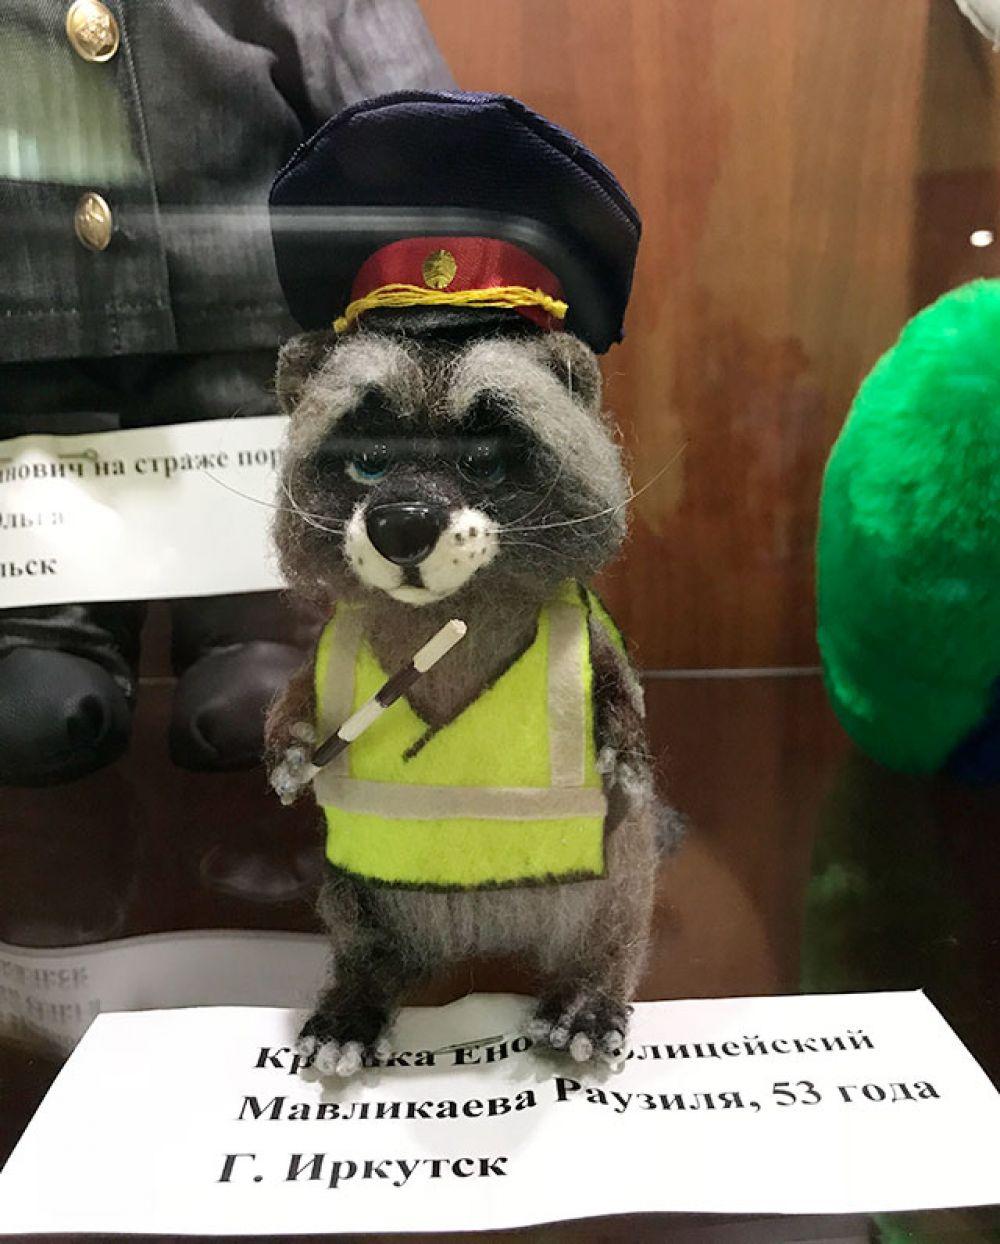 Маленький енот-инспектор - настоящий шедевр.